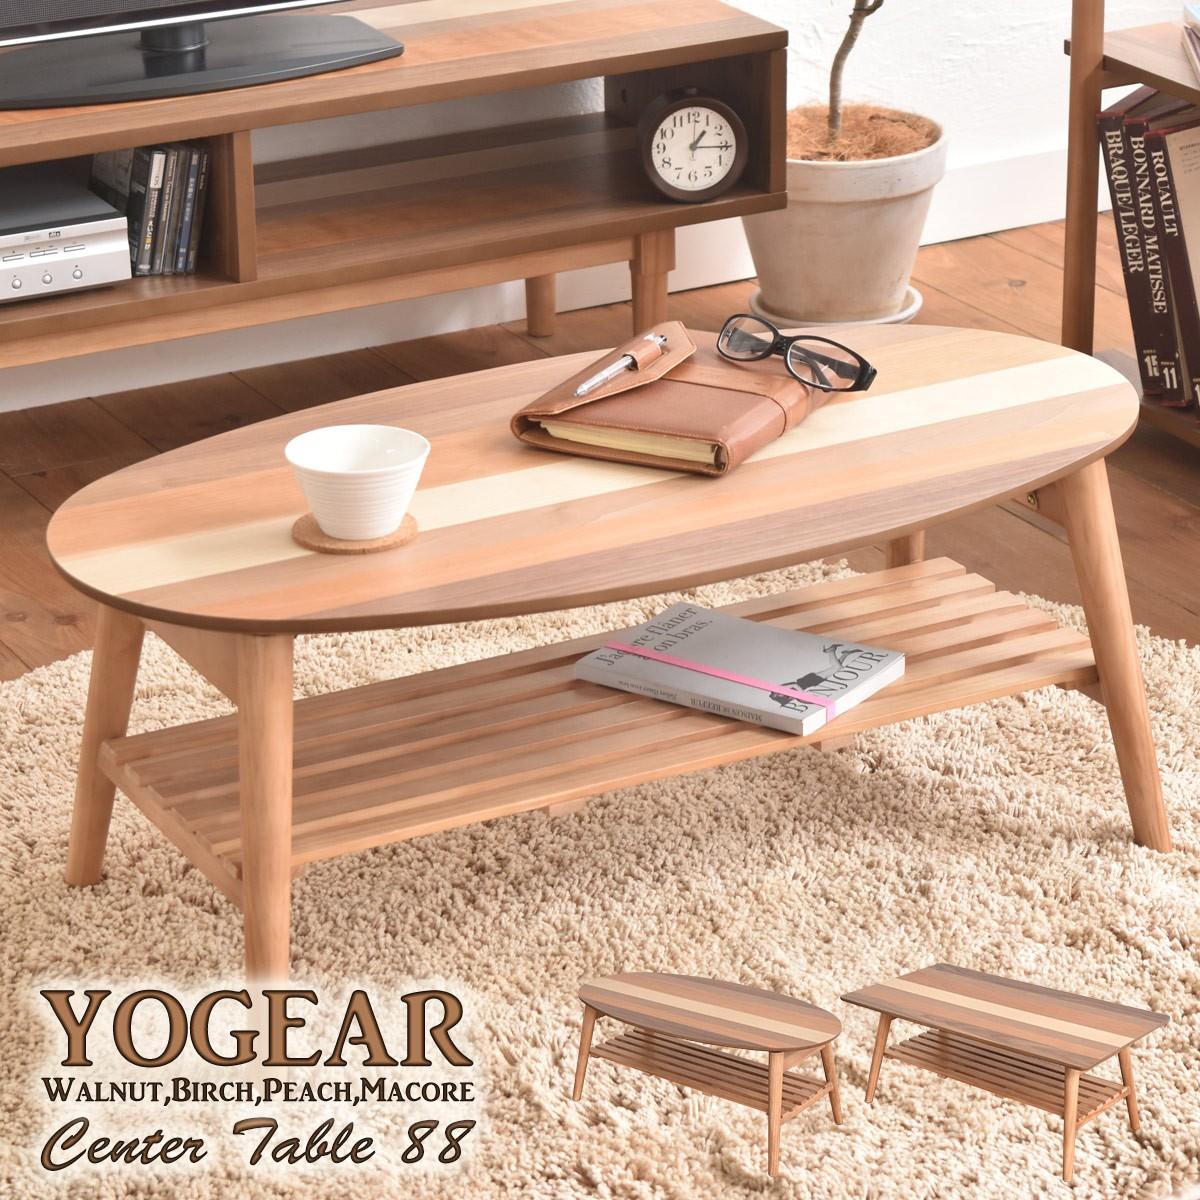 送料無料 YOGEAR(ヨギア)テーブル 折りたたみテーブル YOCT-88 ウォールナット センターテーブル ローテーブル リビングテーブル 北欧 折りたたみテーブル 木製 折れ脚 天然木 可愛い おしゃれ 折り畳み式 オーバル スクエア